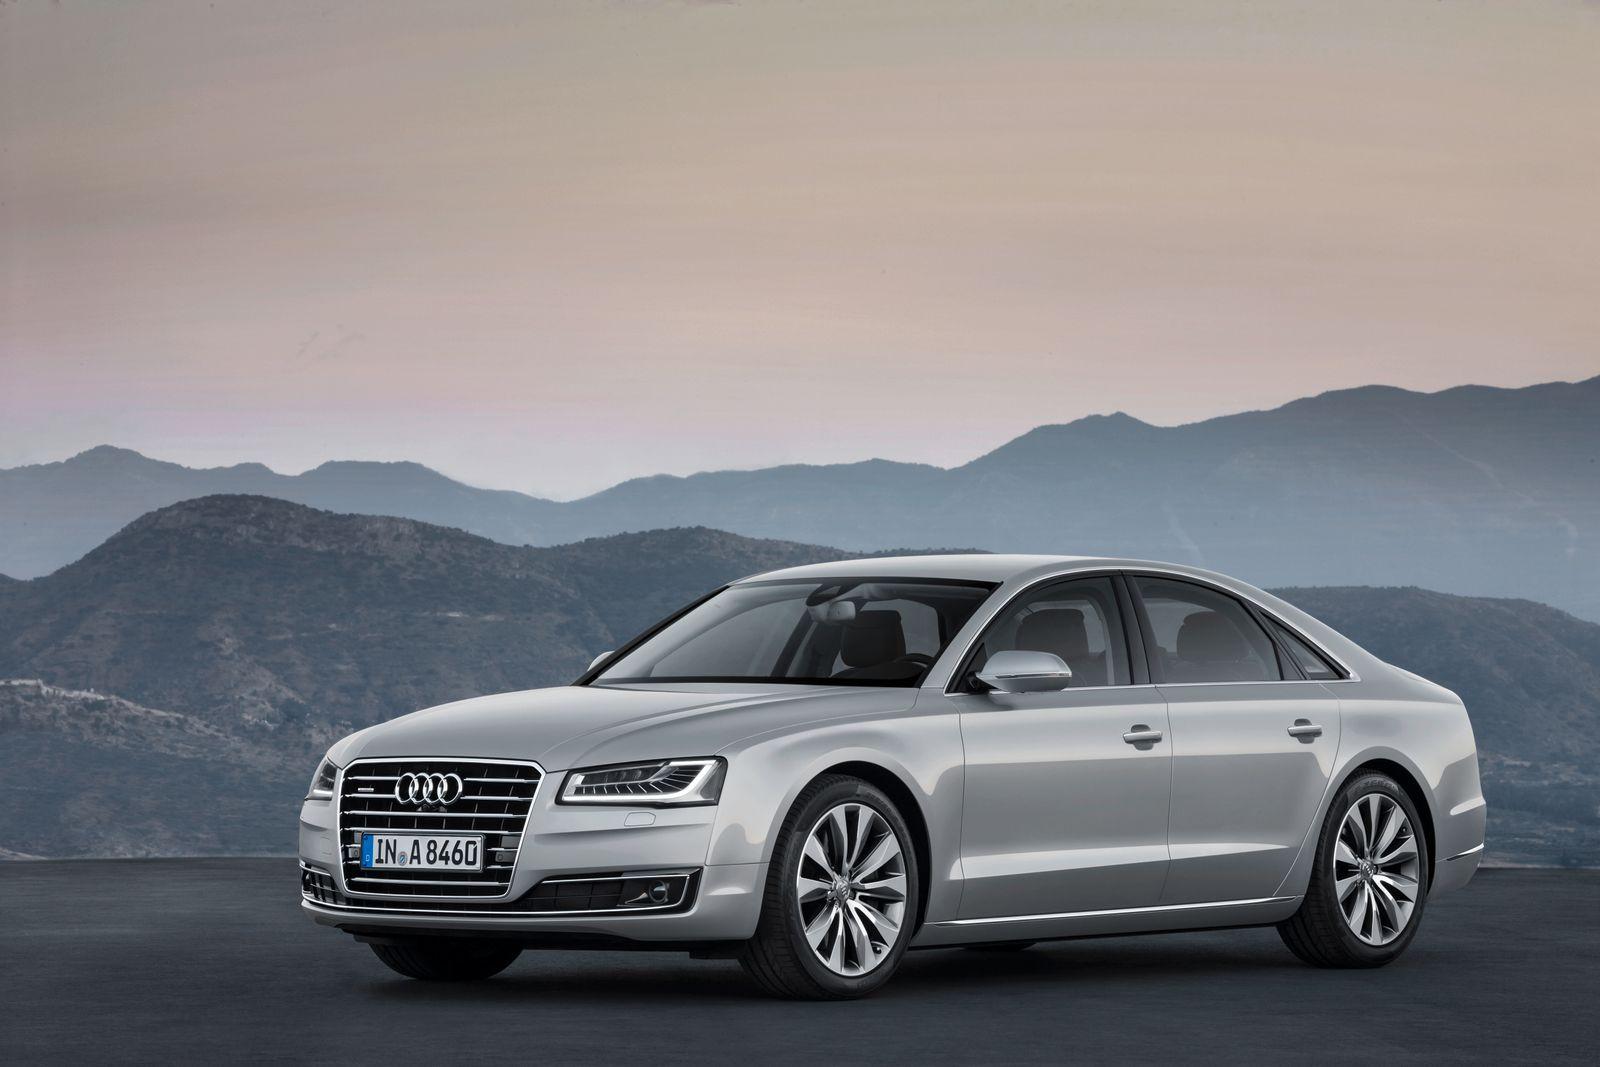 Audi A8 / IAA 2013